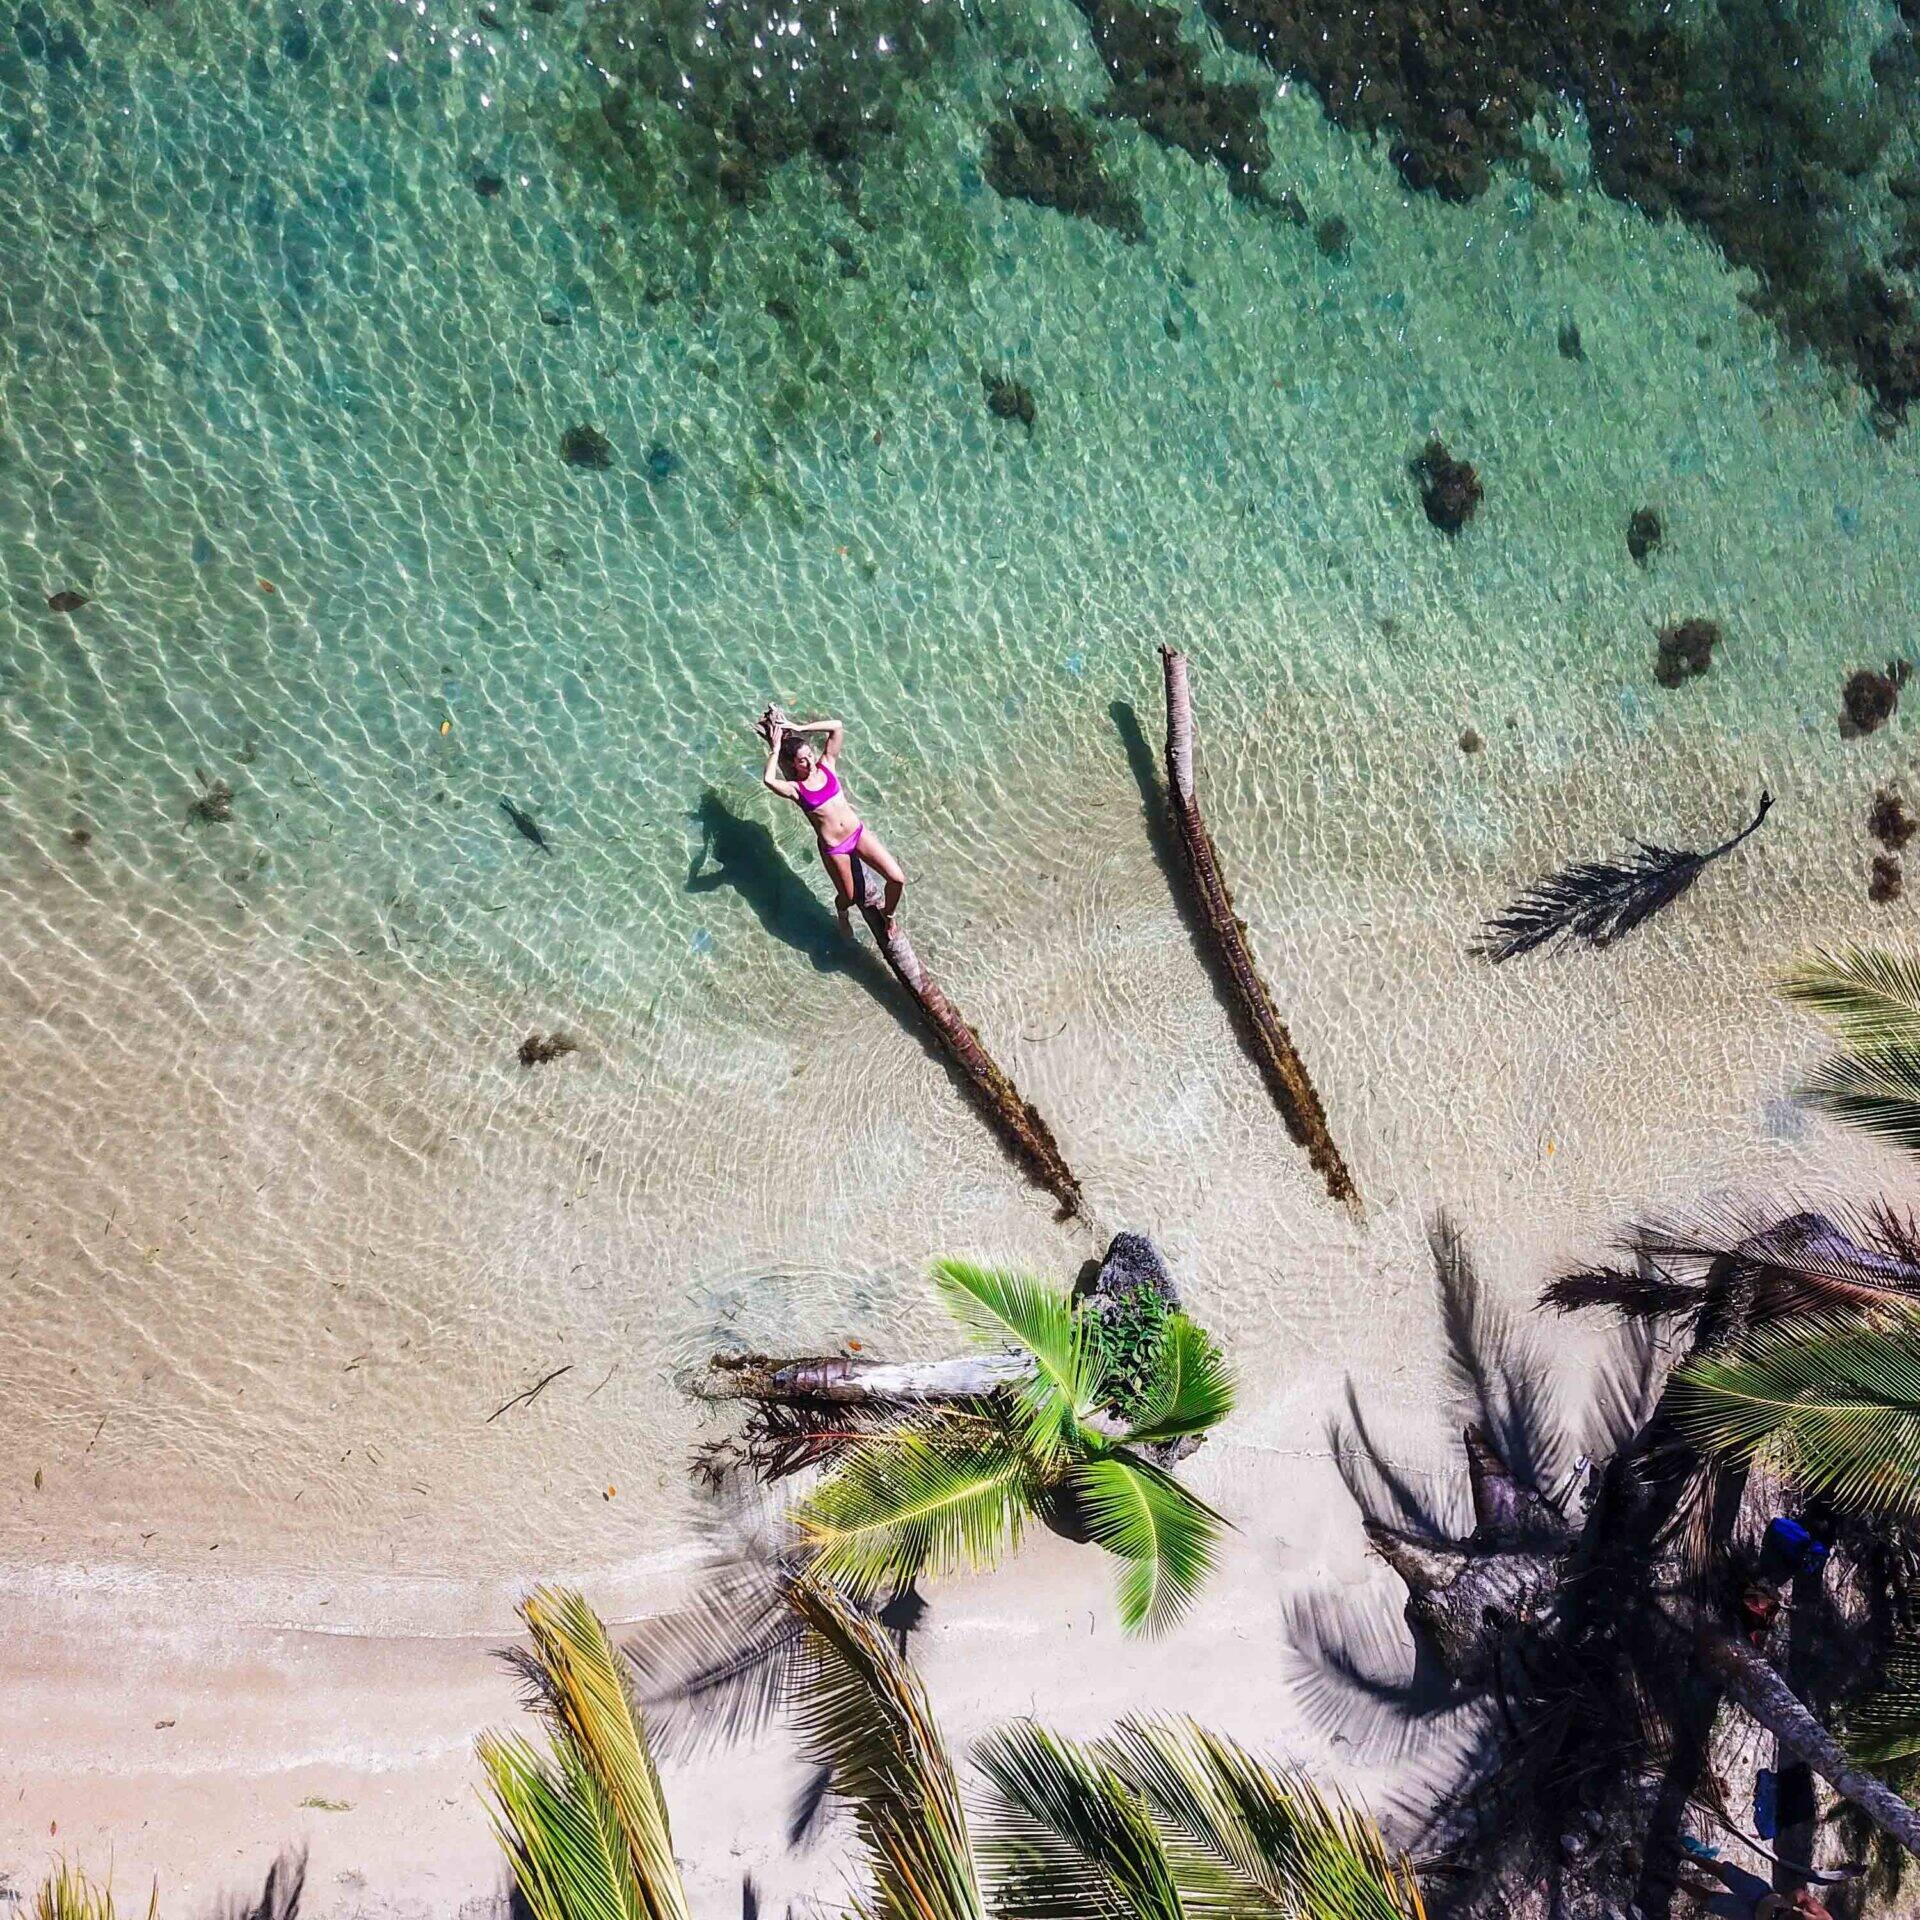 Drone photo of Bocas del Drago Panama